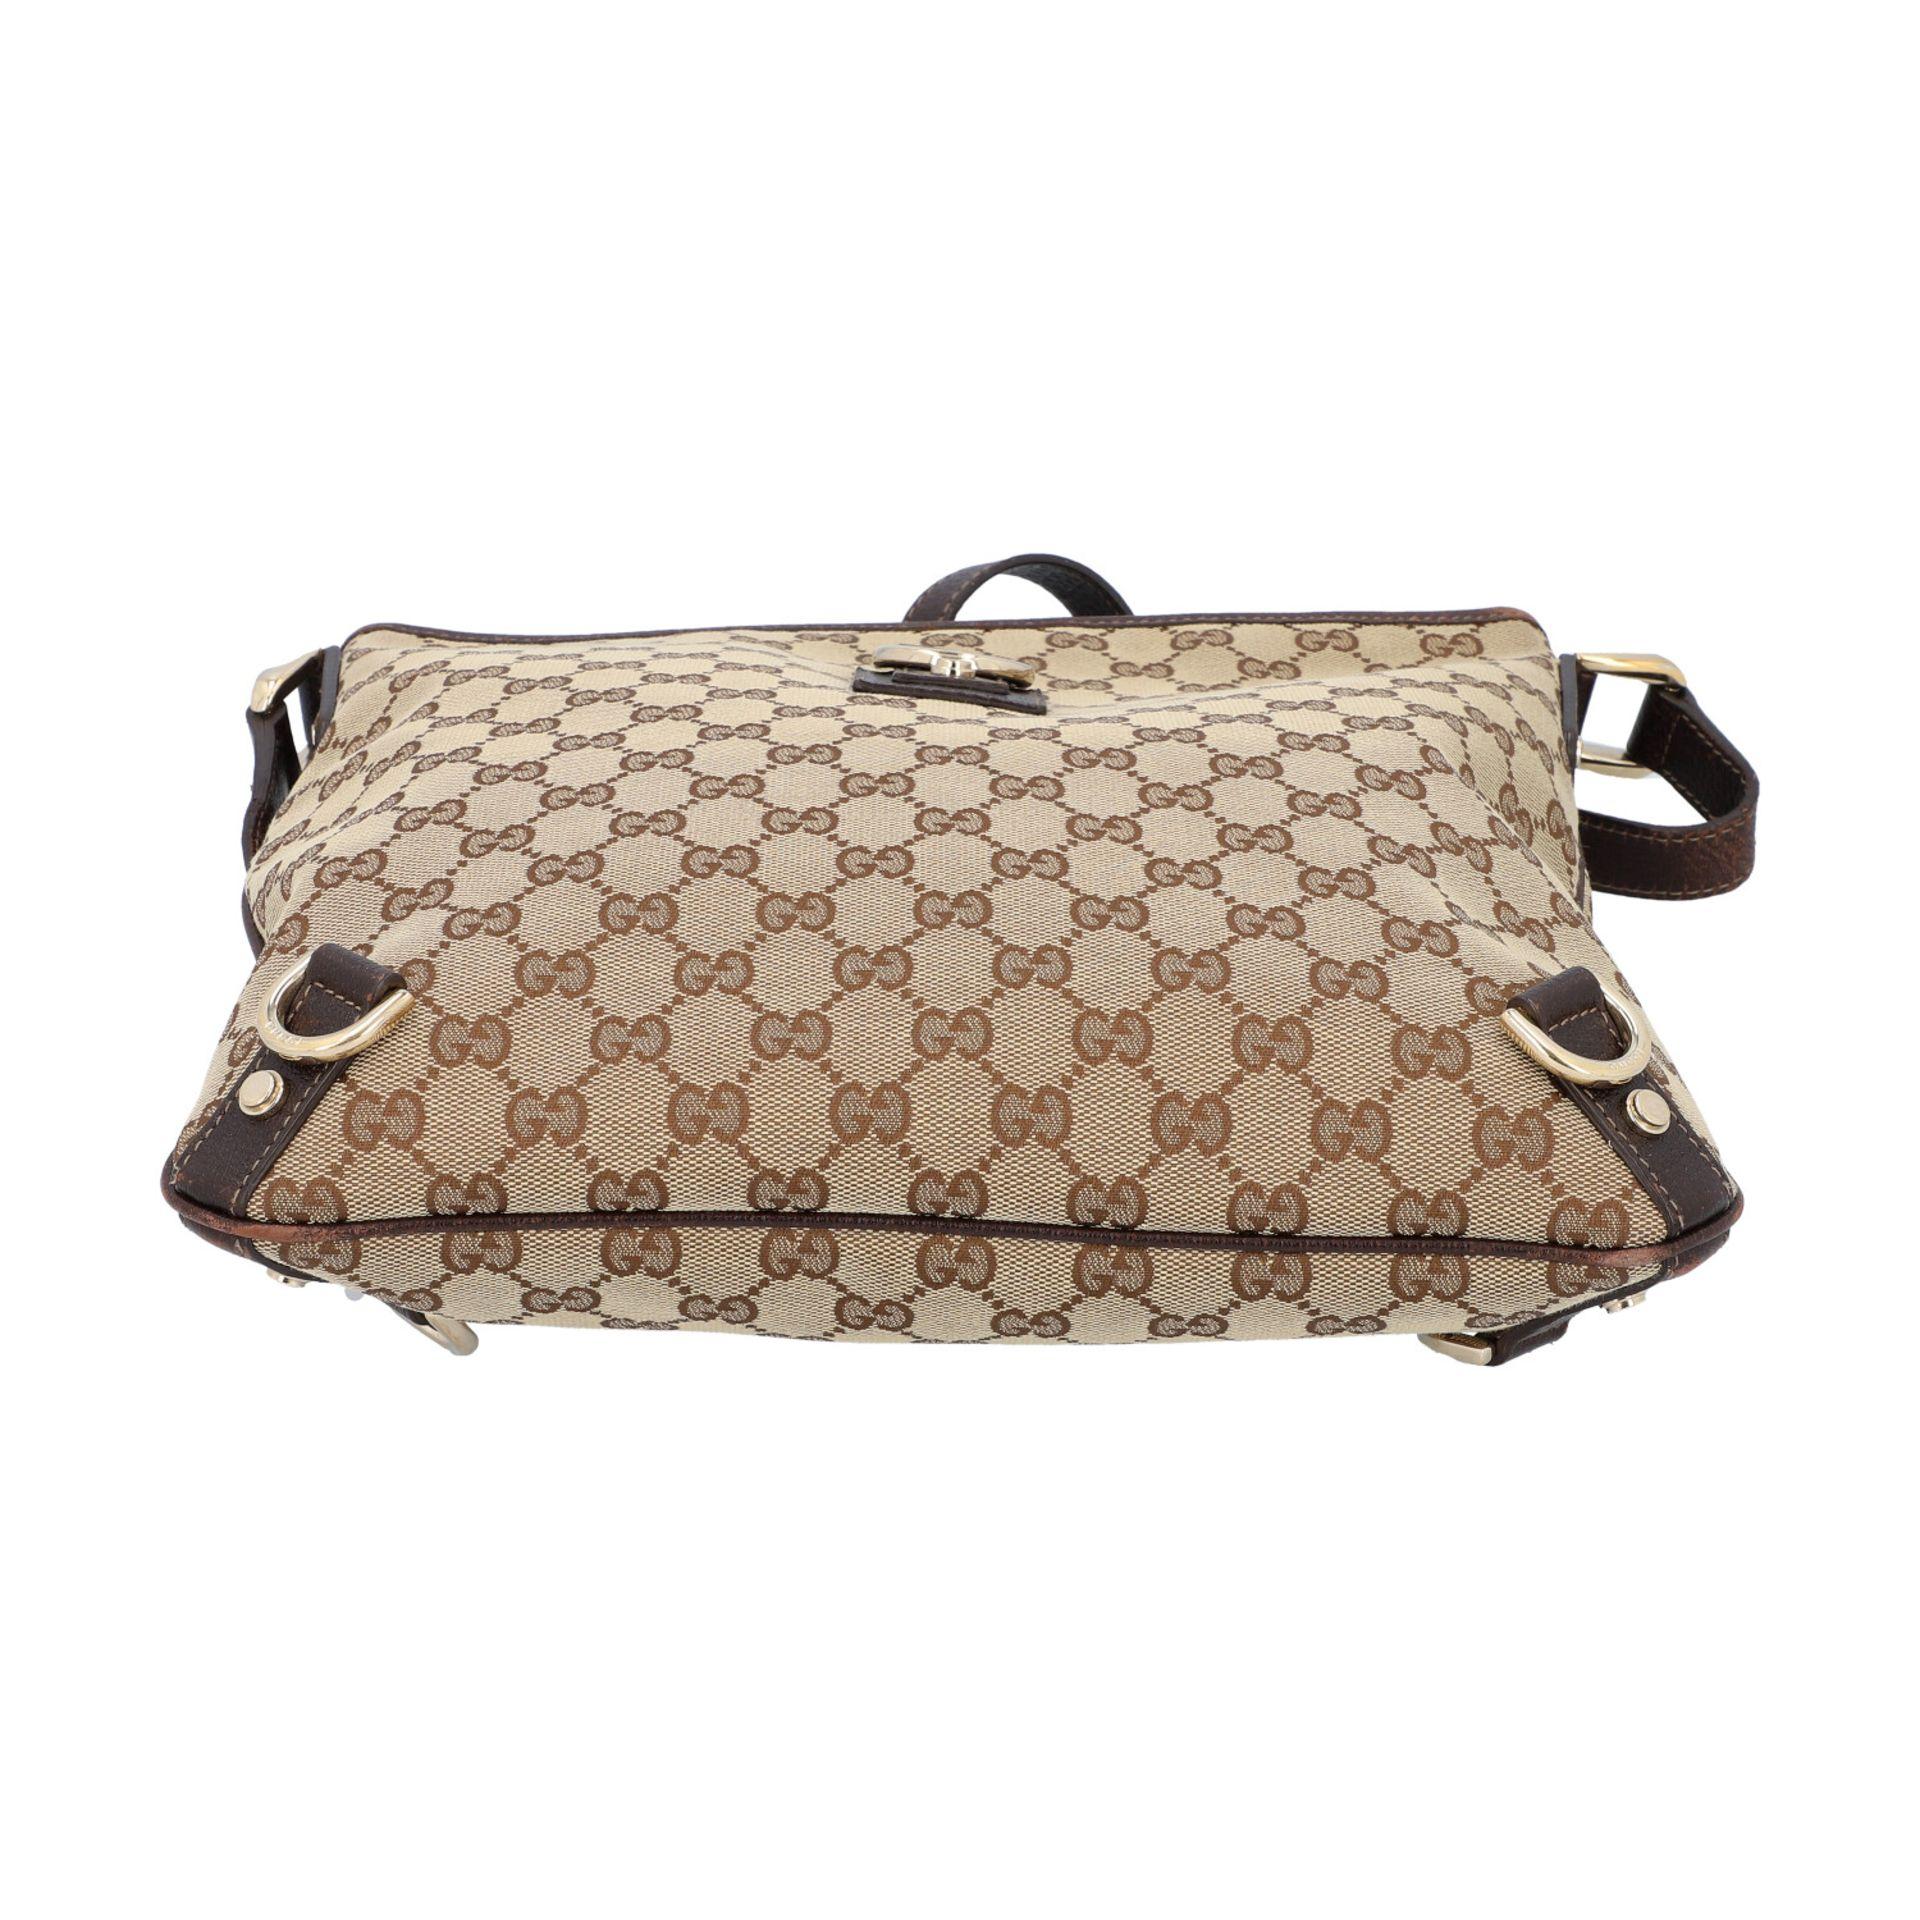 GUCCI Handtasche. Guccissima Design auf Textil in Beige und Braun, braunfarbene Leder- - Image 5 of 8